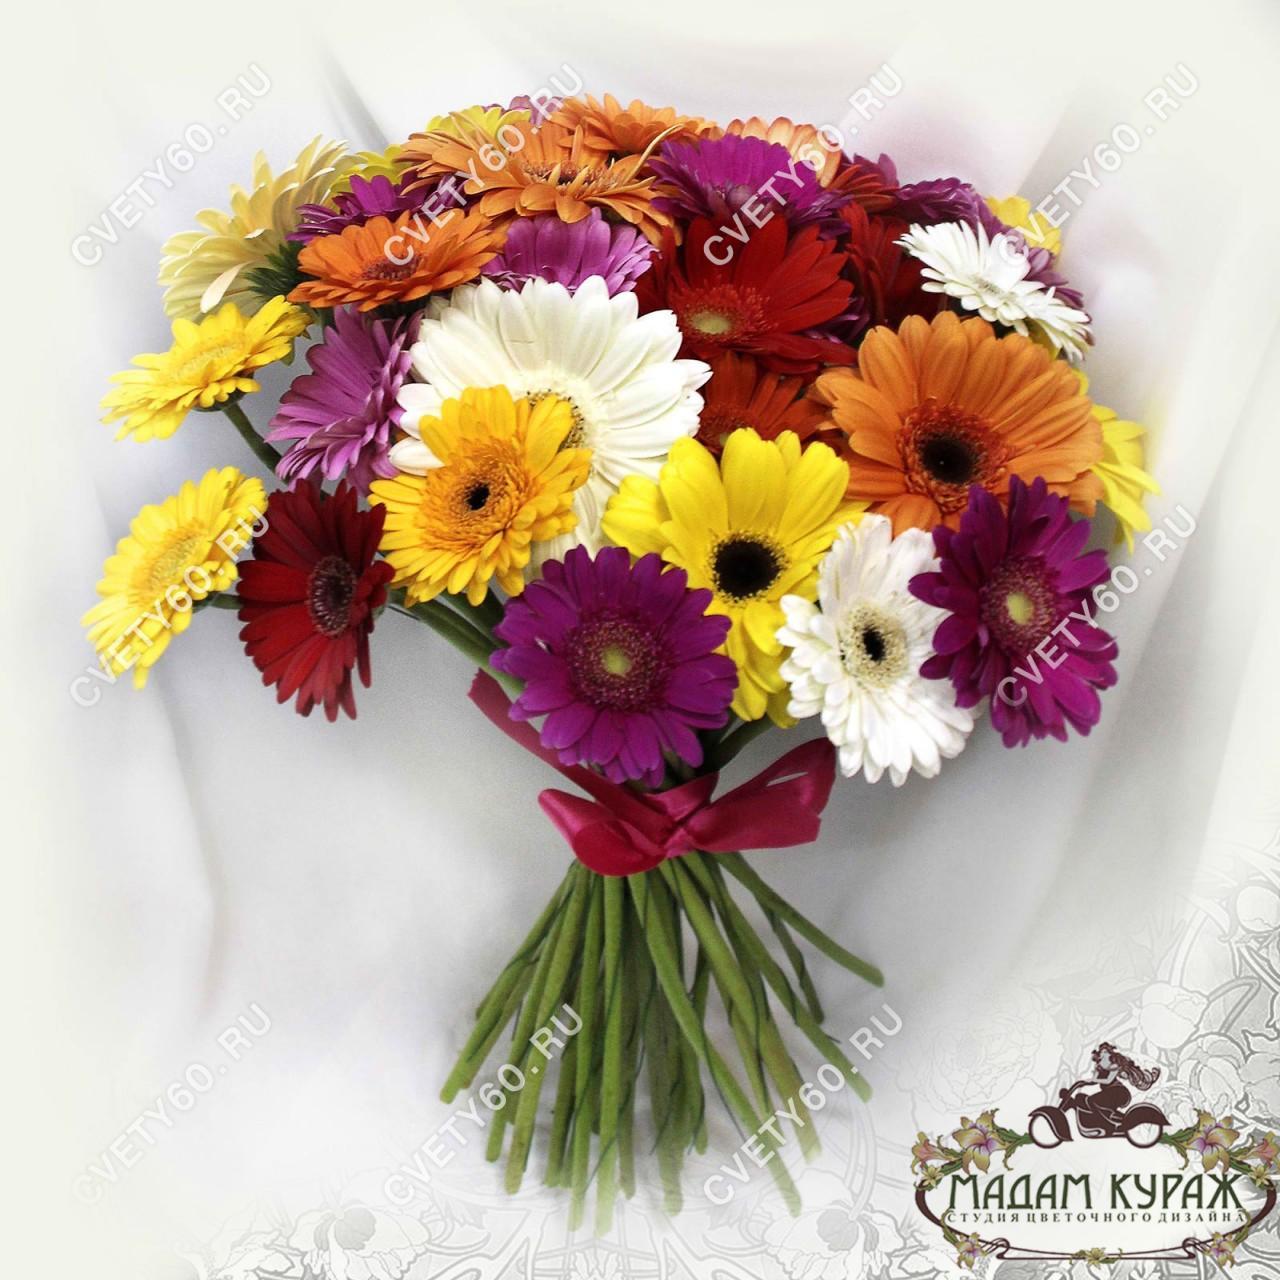 Цветы в Пскове, Цветы с доставкой в Пскове на 8 марта